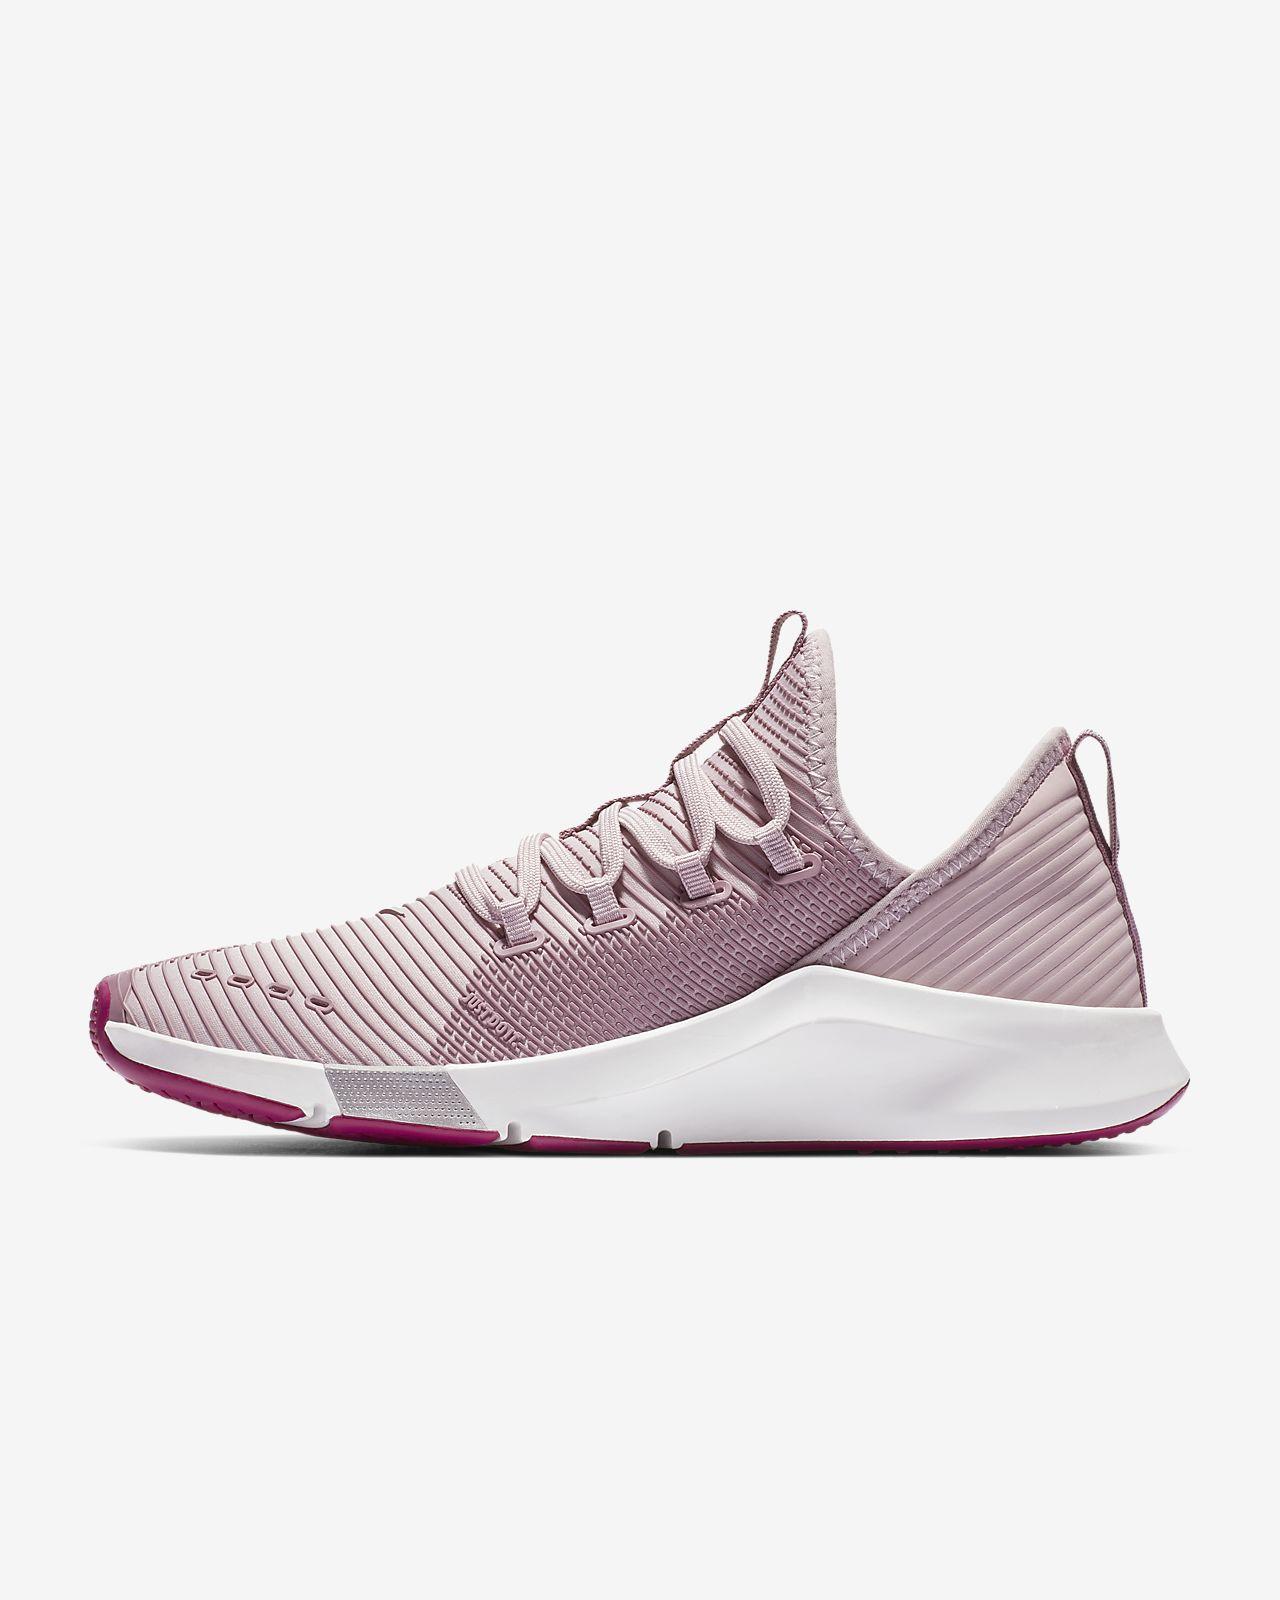 low priced c46a5 a7fb4 ... Calzado de entrenamiento, boxeo y para el gimnasio para mujer Nike Air  Zoom Elevate